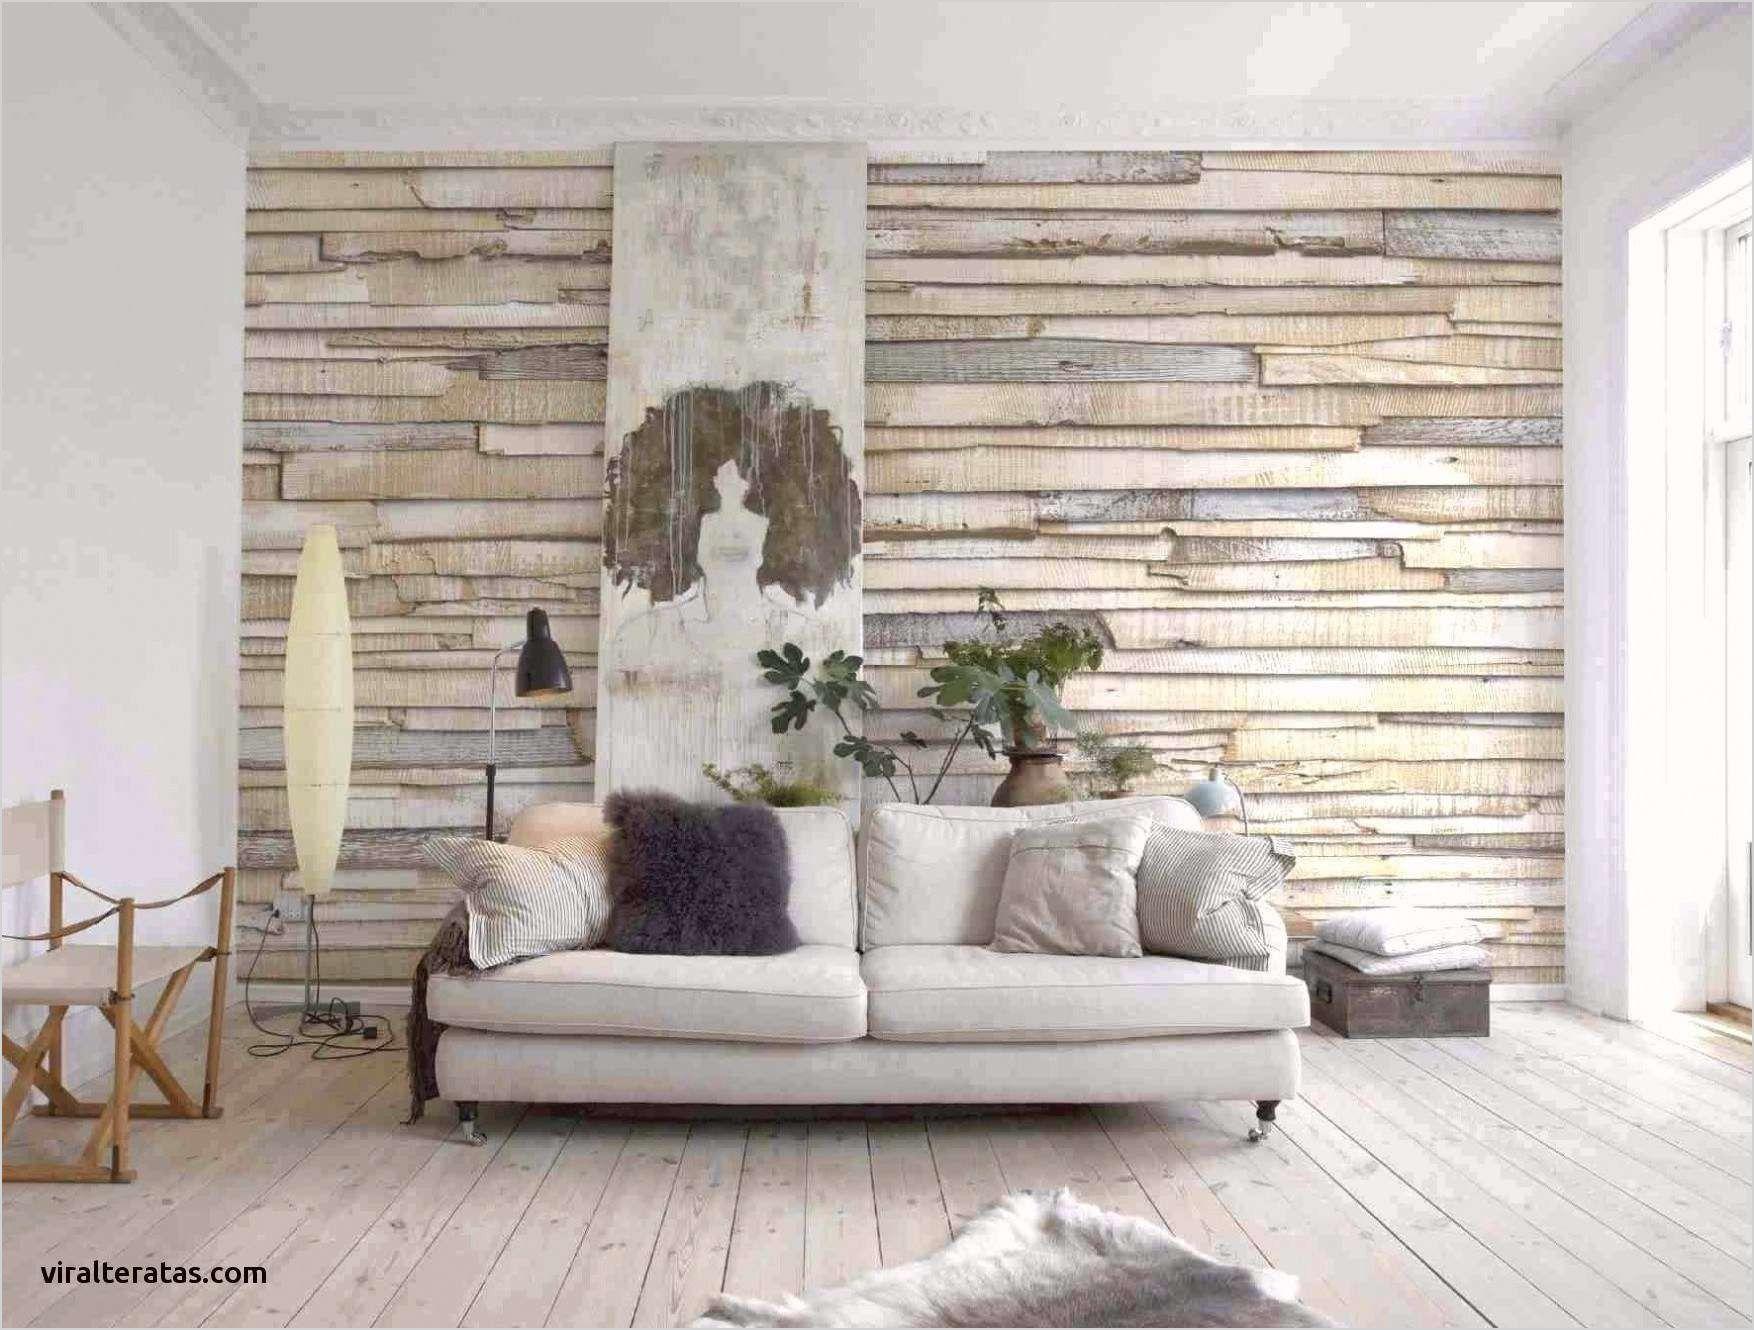 fototapete wohnzimmer reizend super tapeten ideen schlafzimmer